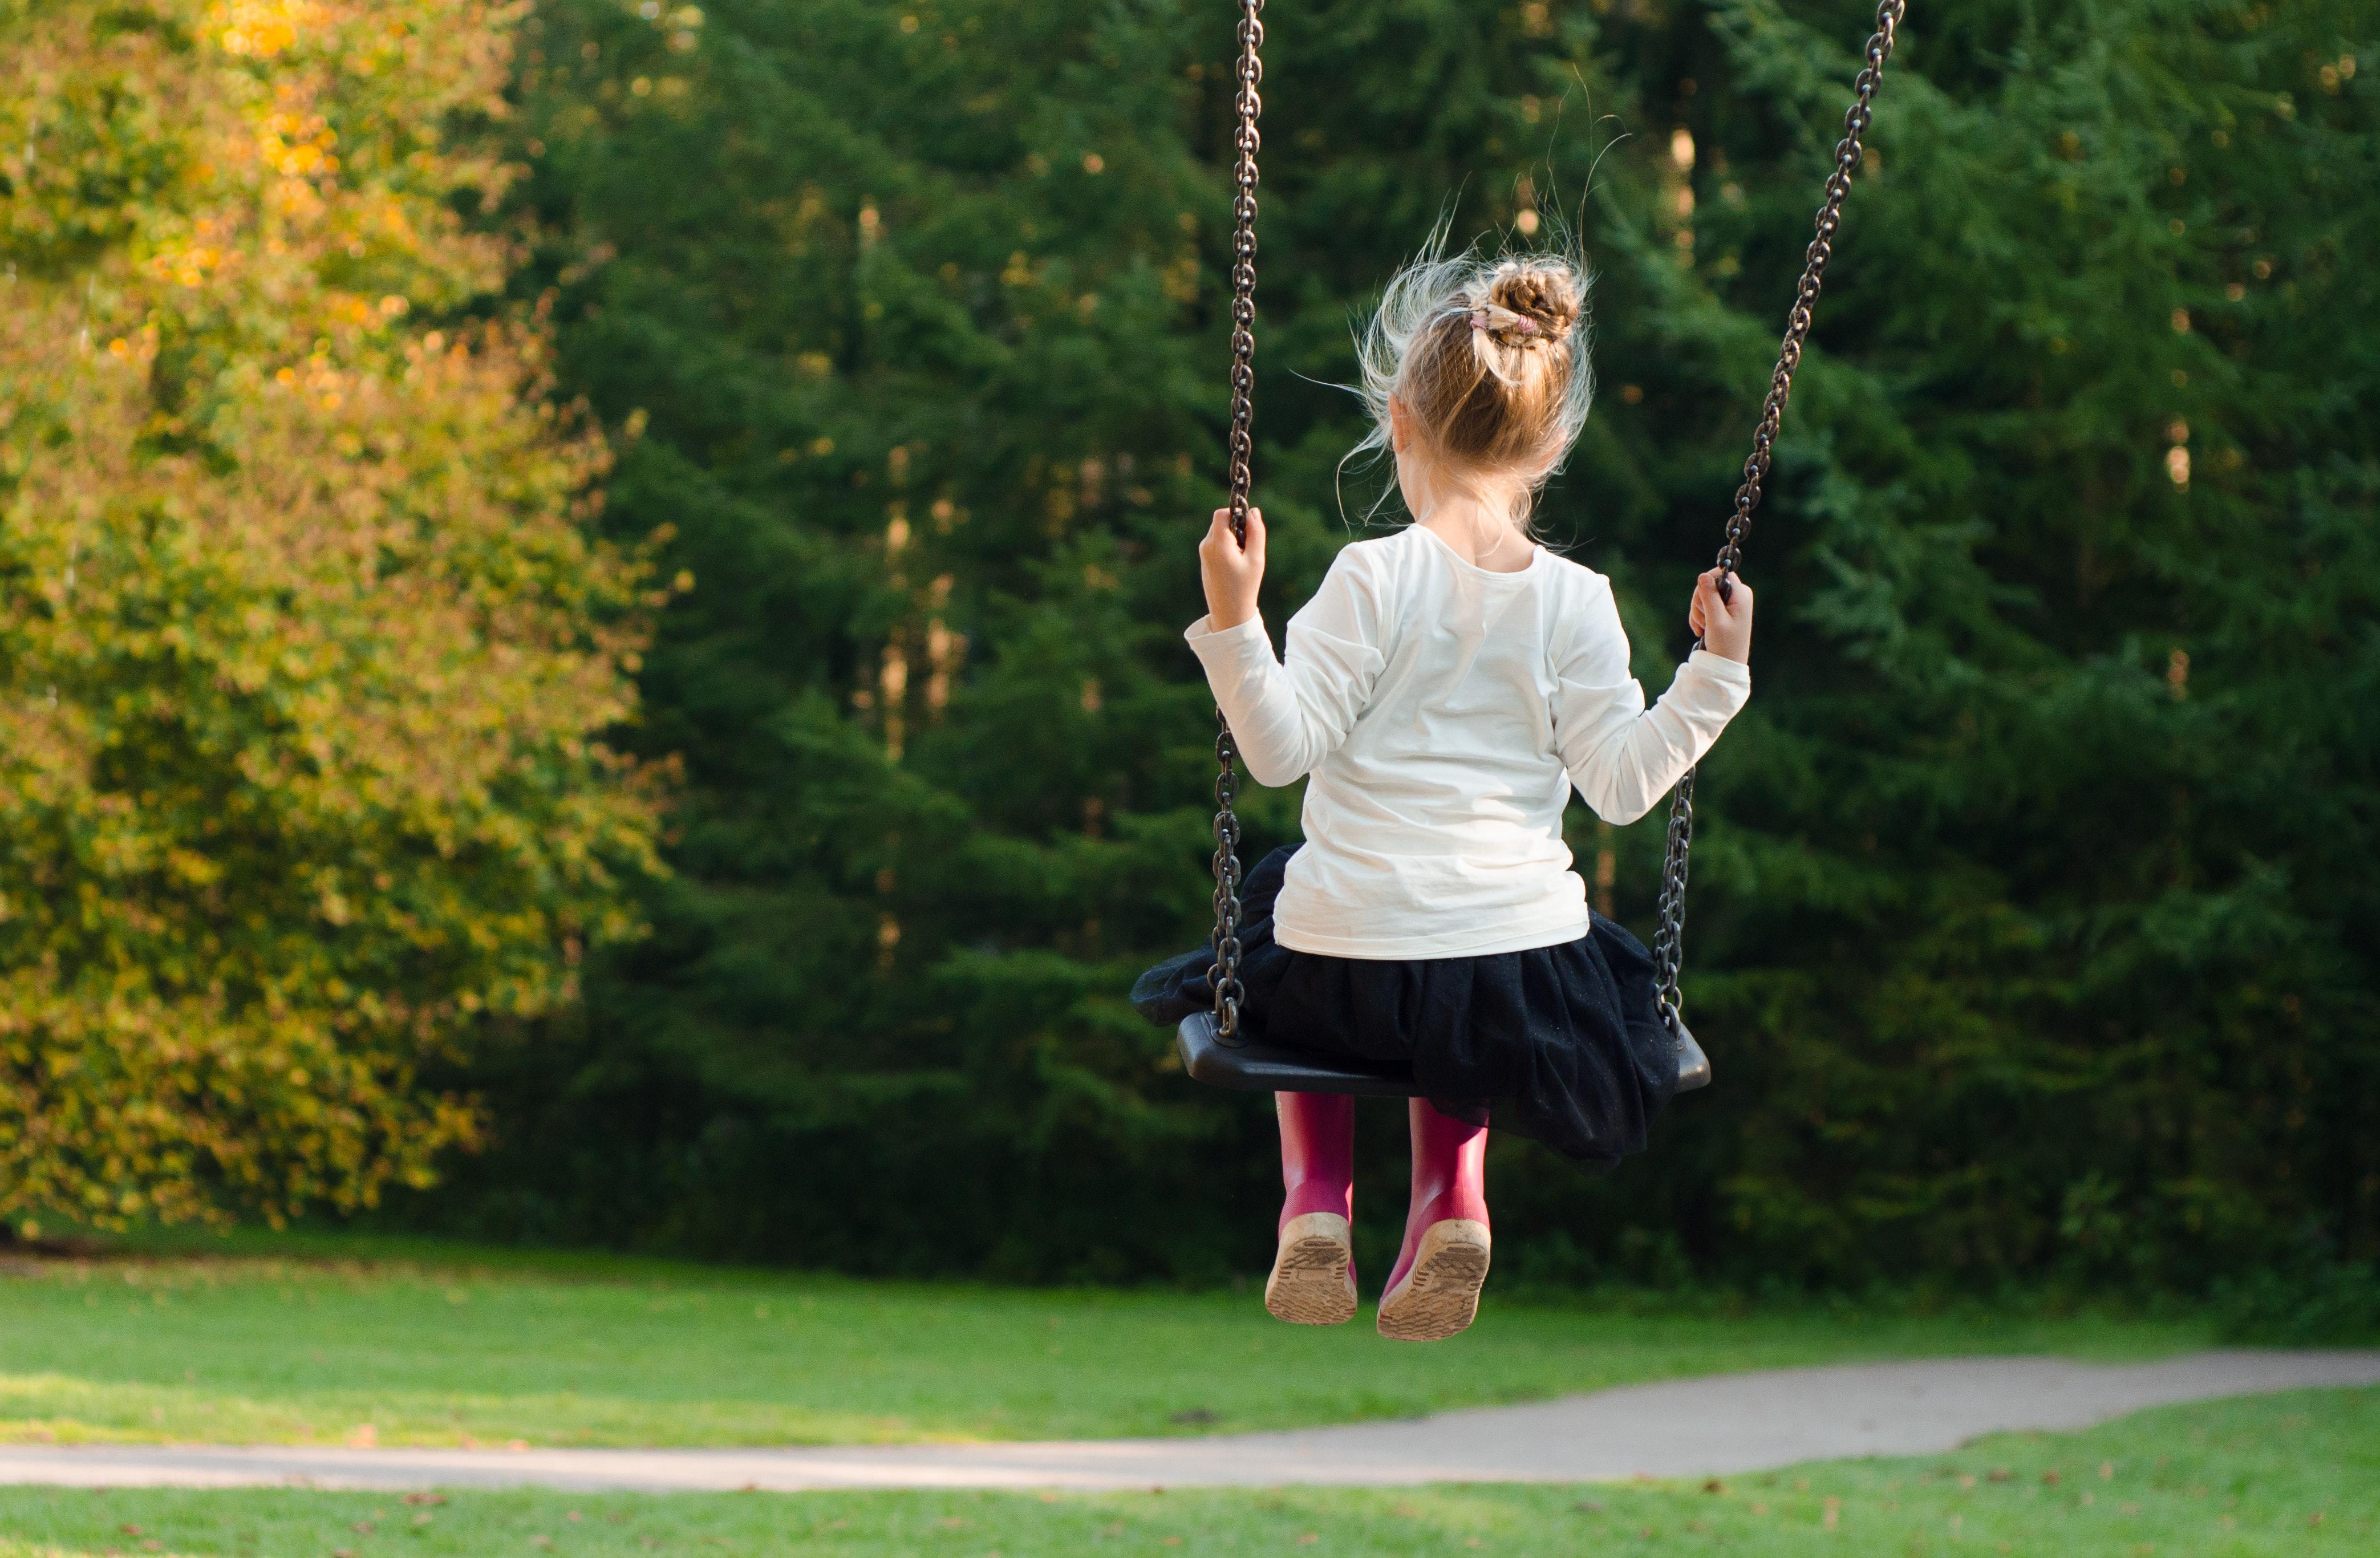 Jak vybrat houpačku pro děti